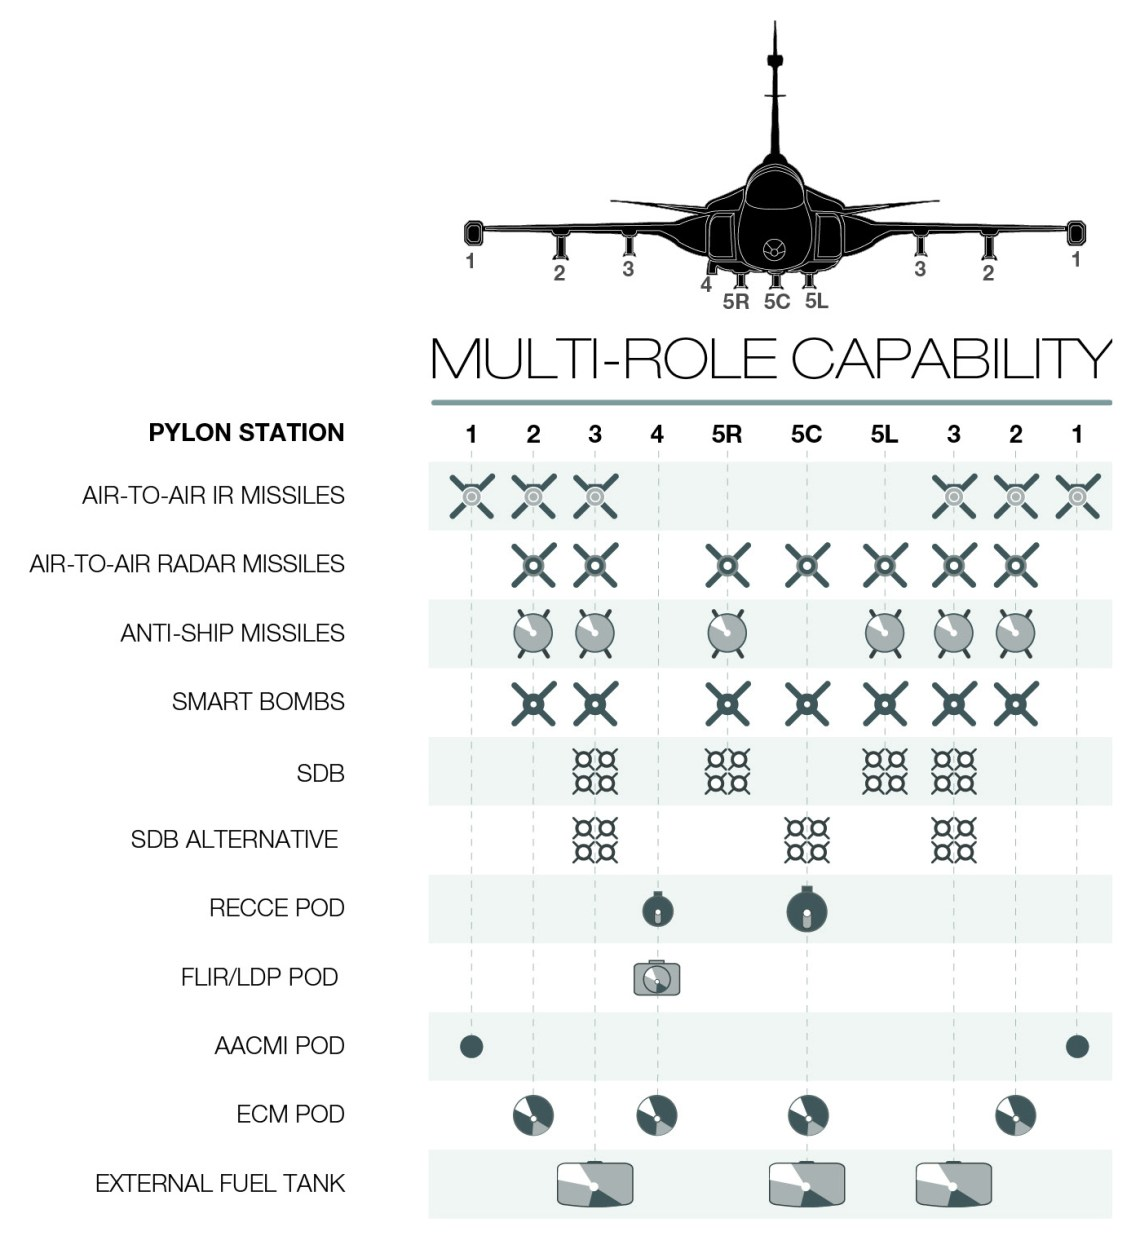 Saab Gripen E/F Multi-Role Capability